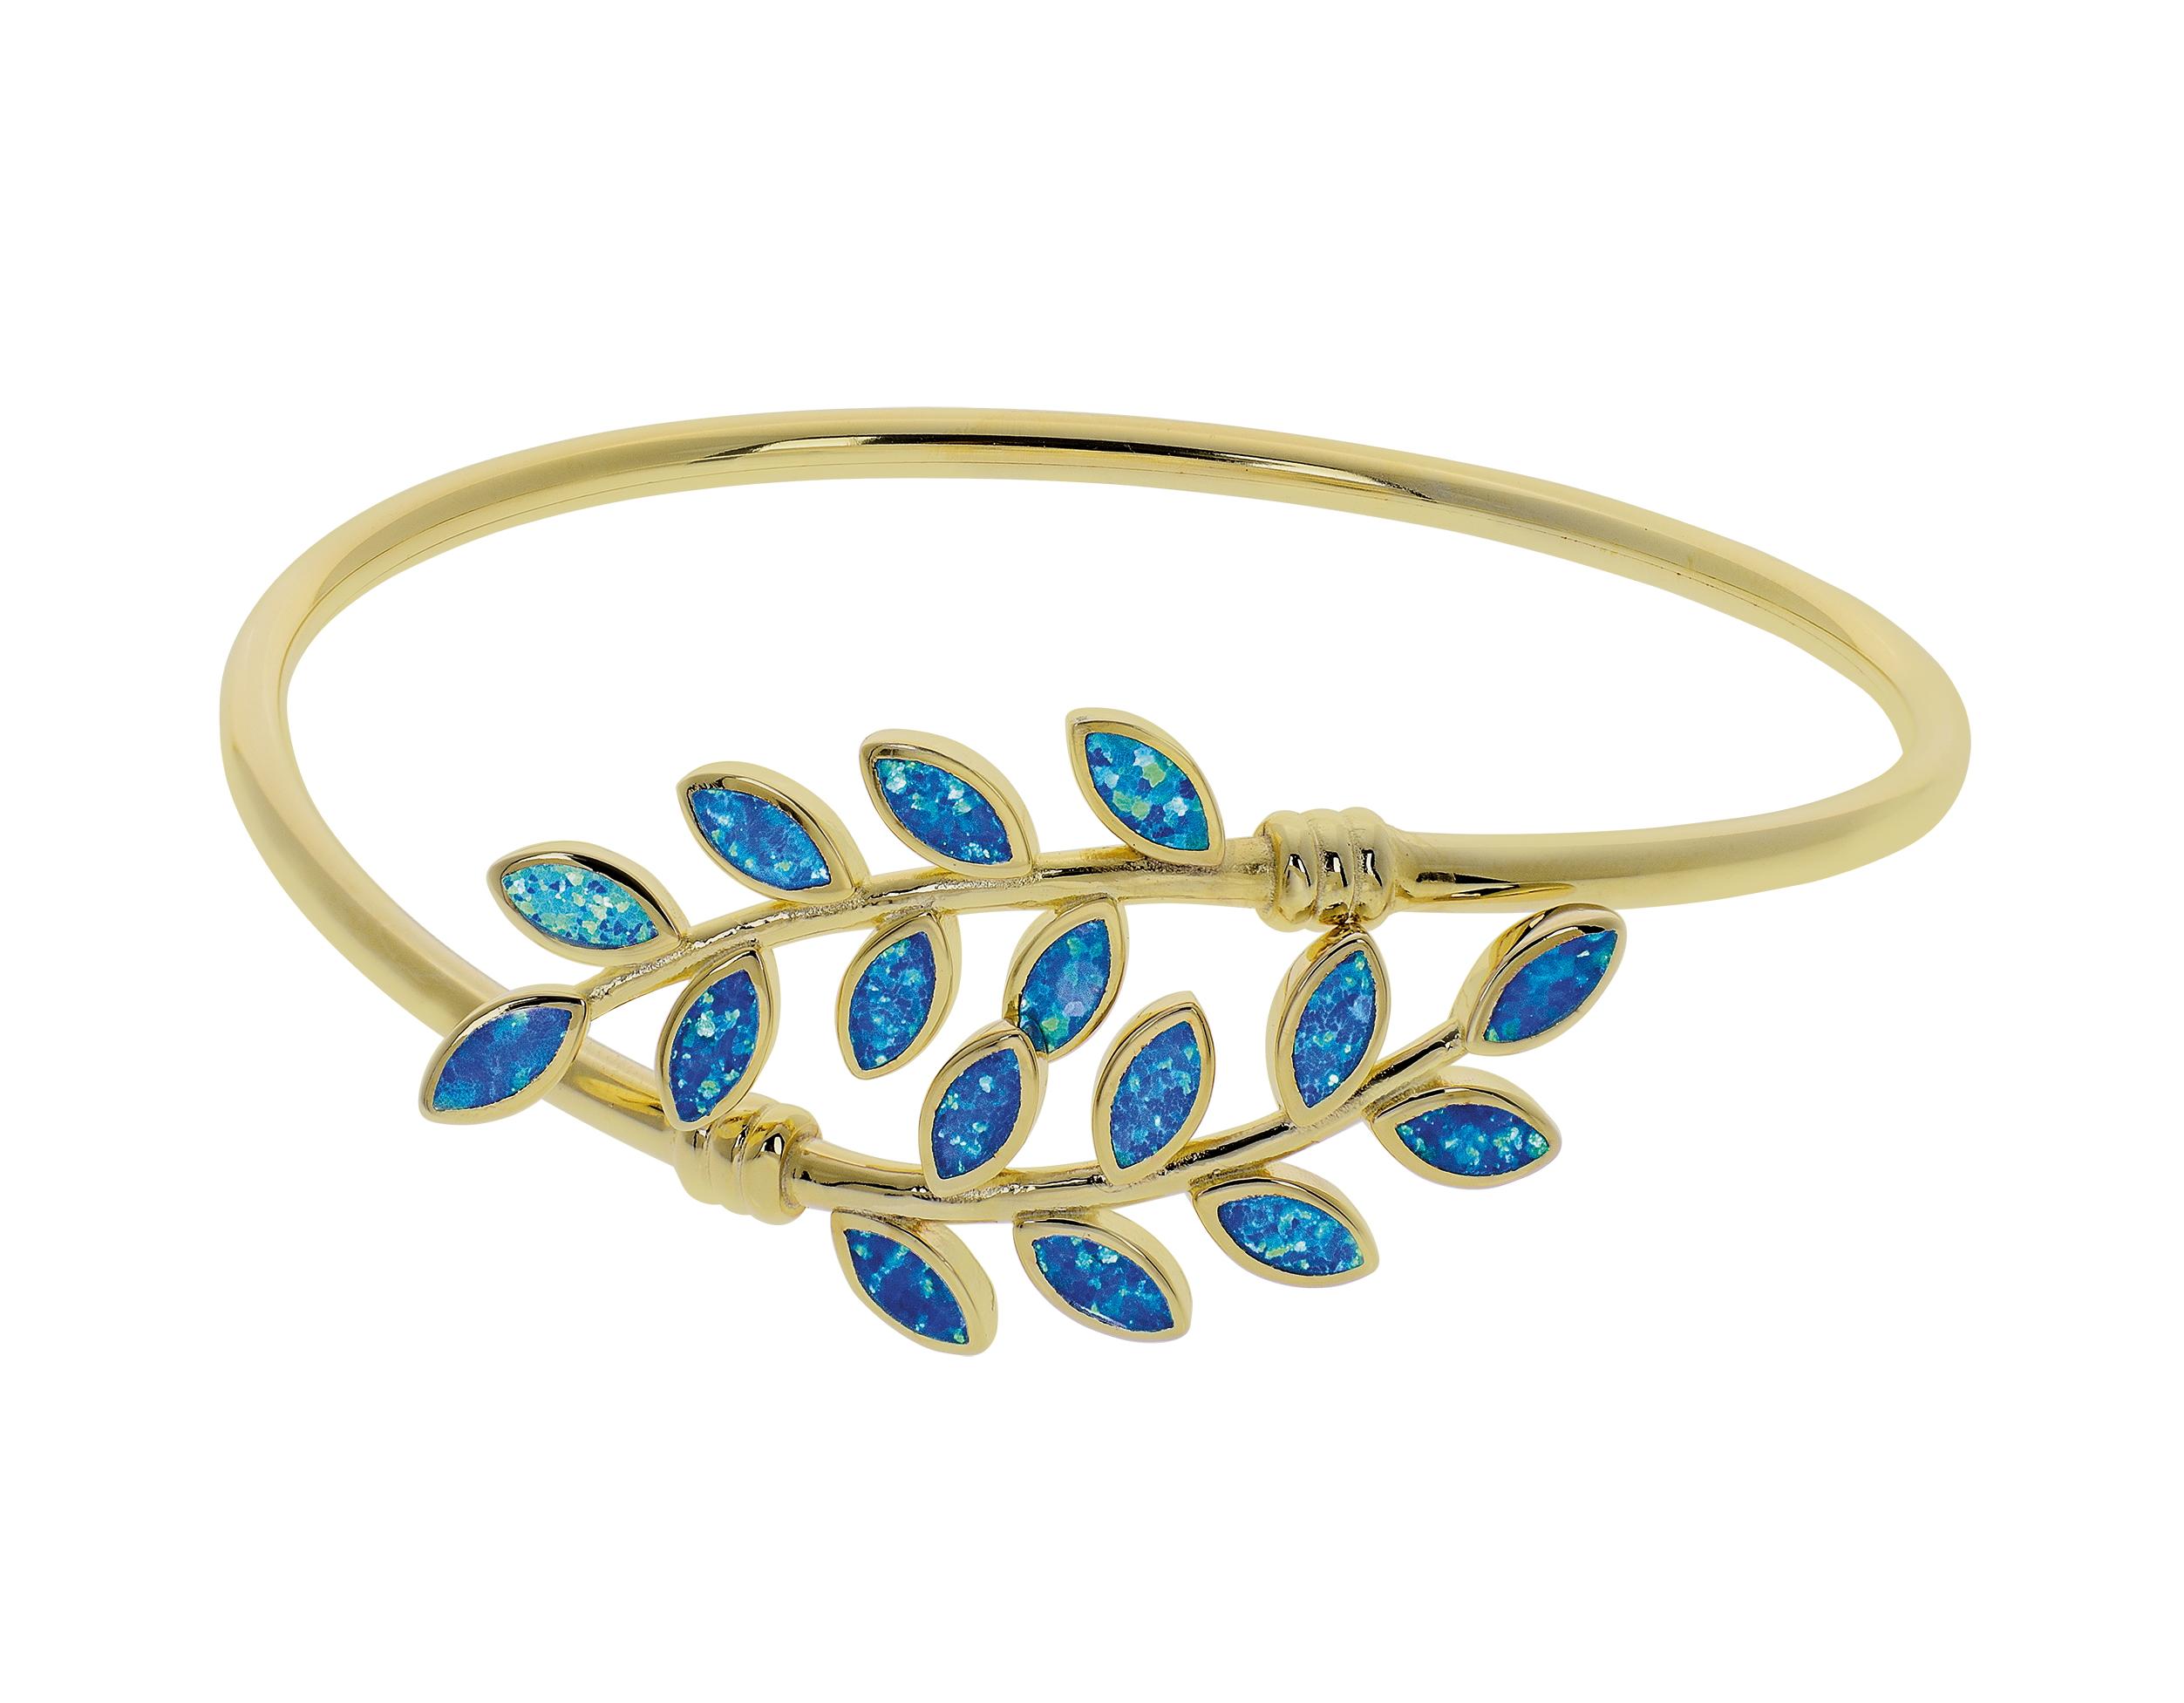 Opal armbånd med blå opal ædelsten, sølv og guldbelægning